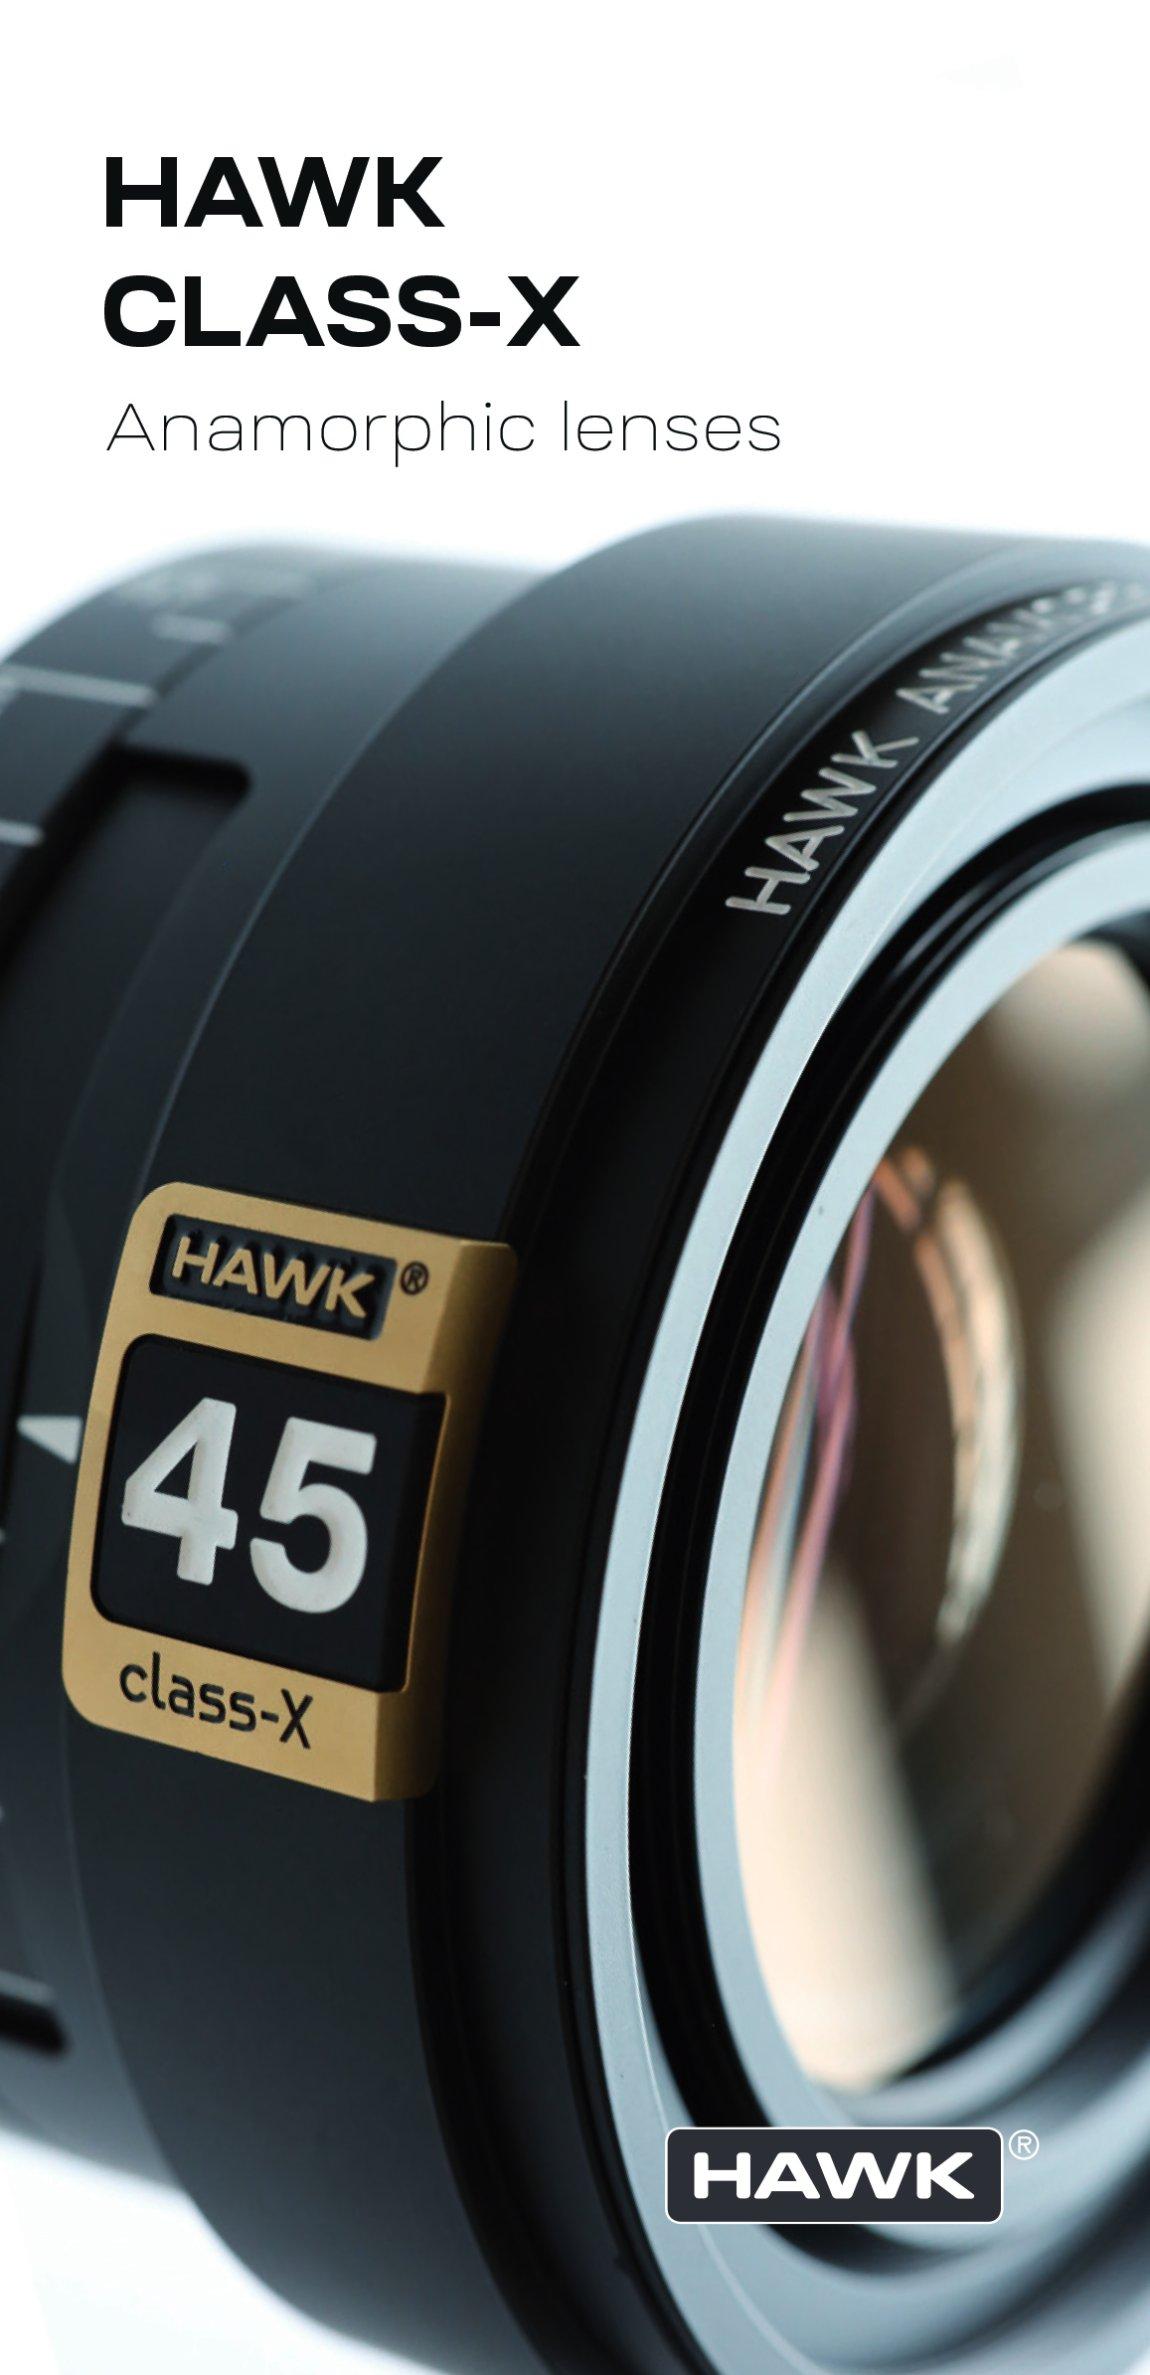 HAWK CLASS-X